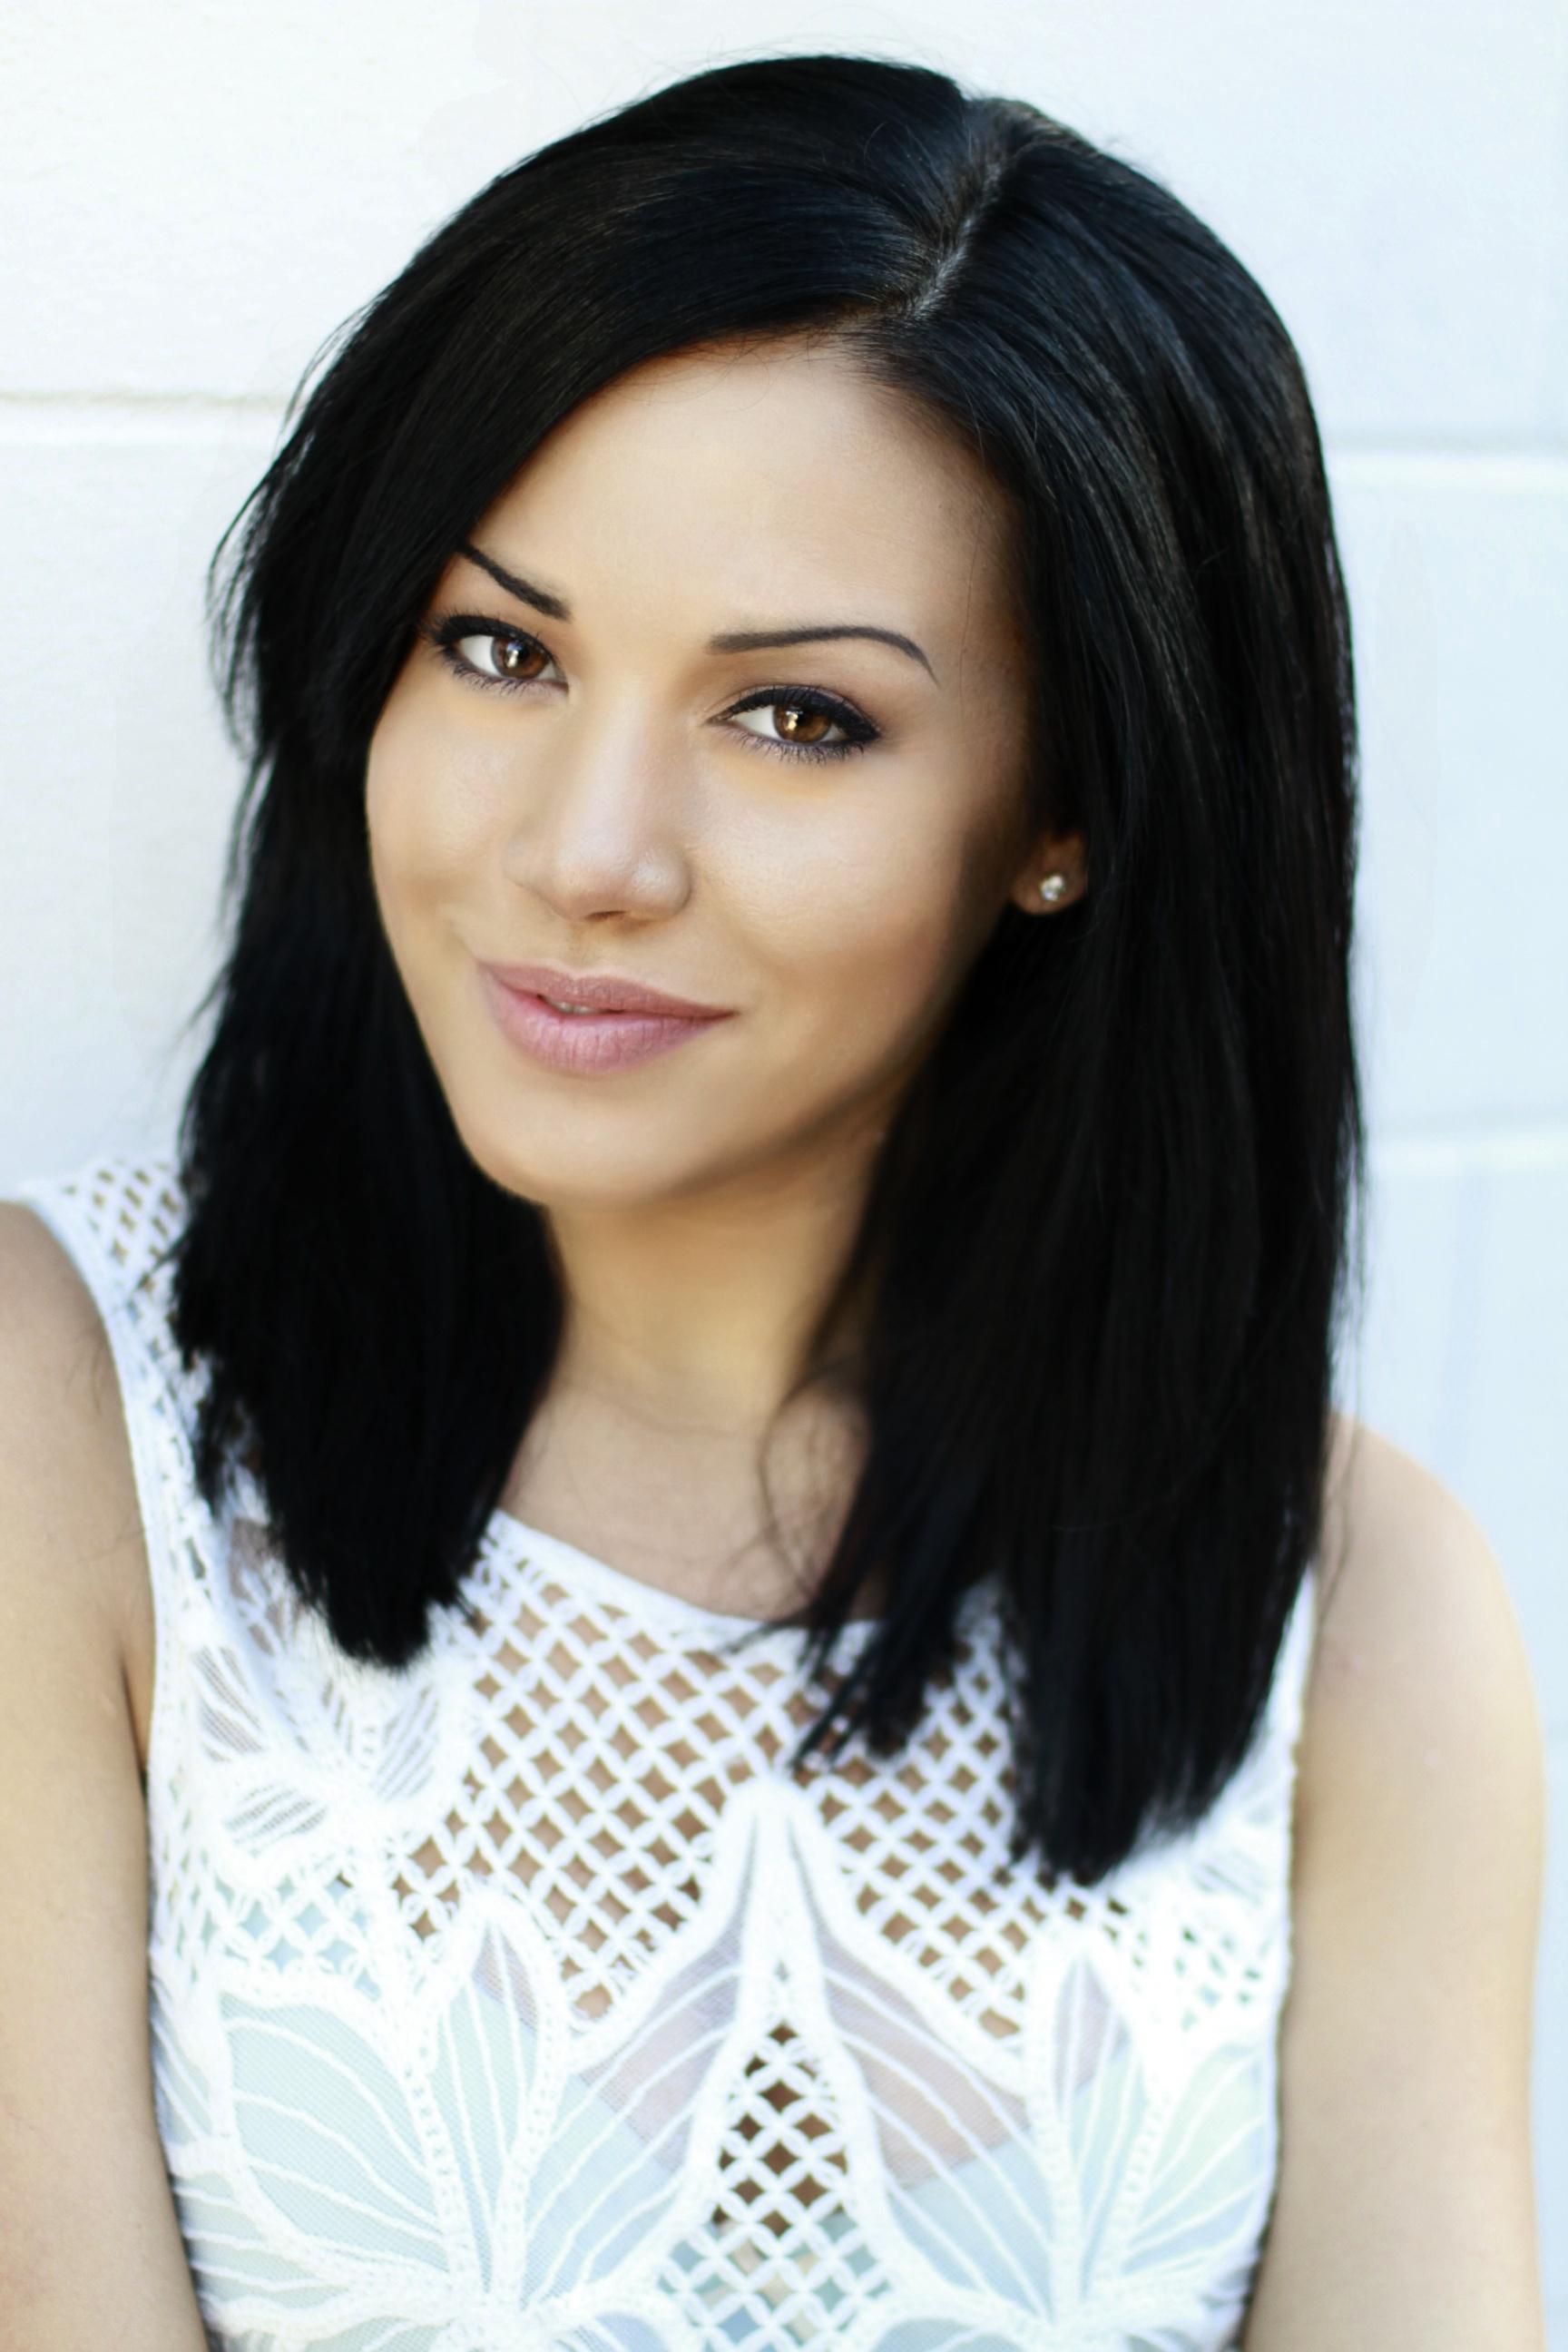 Michelle Panad